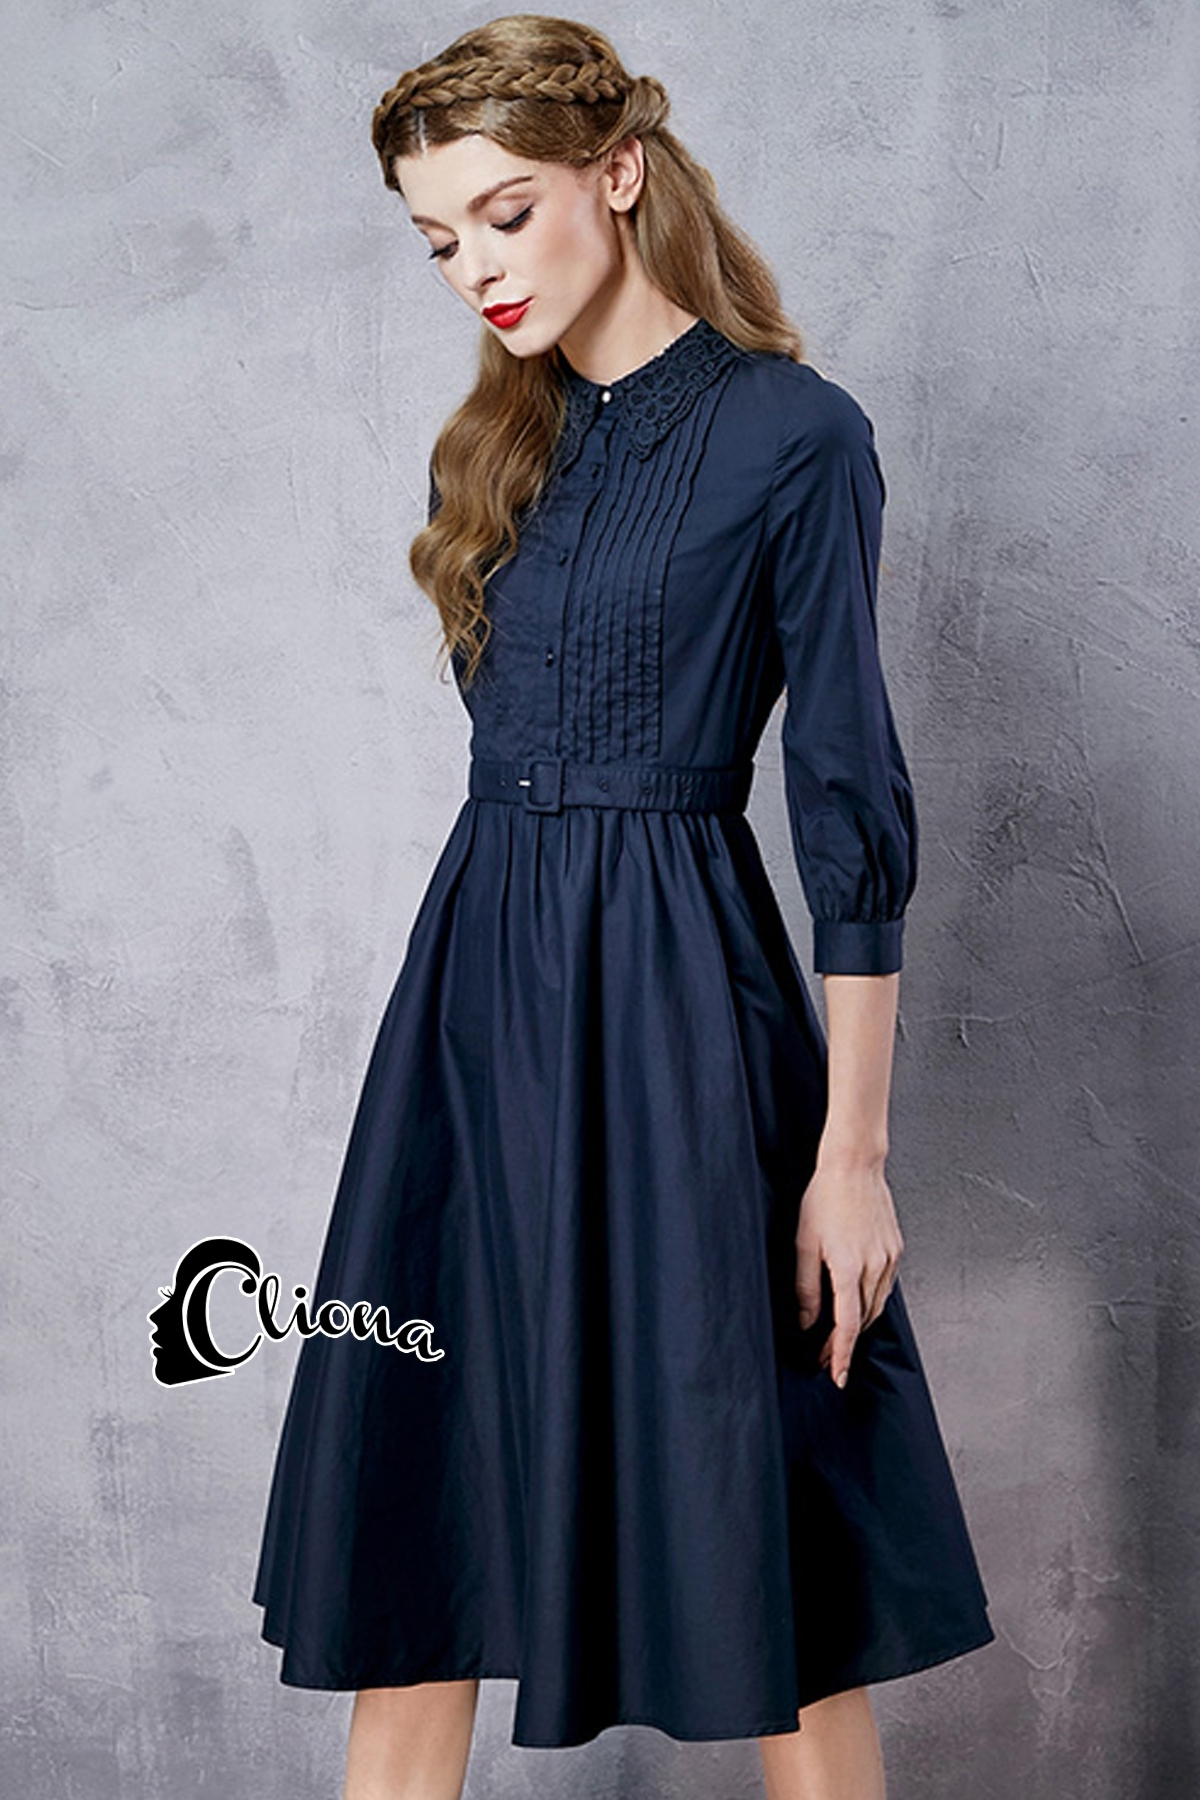 ชุดเดรสเกาหลี พร้อมส่งdress. สีดำ ผ้า cotton